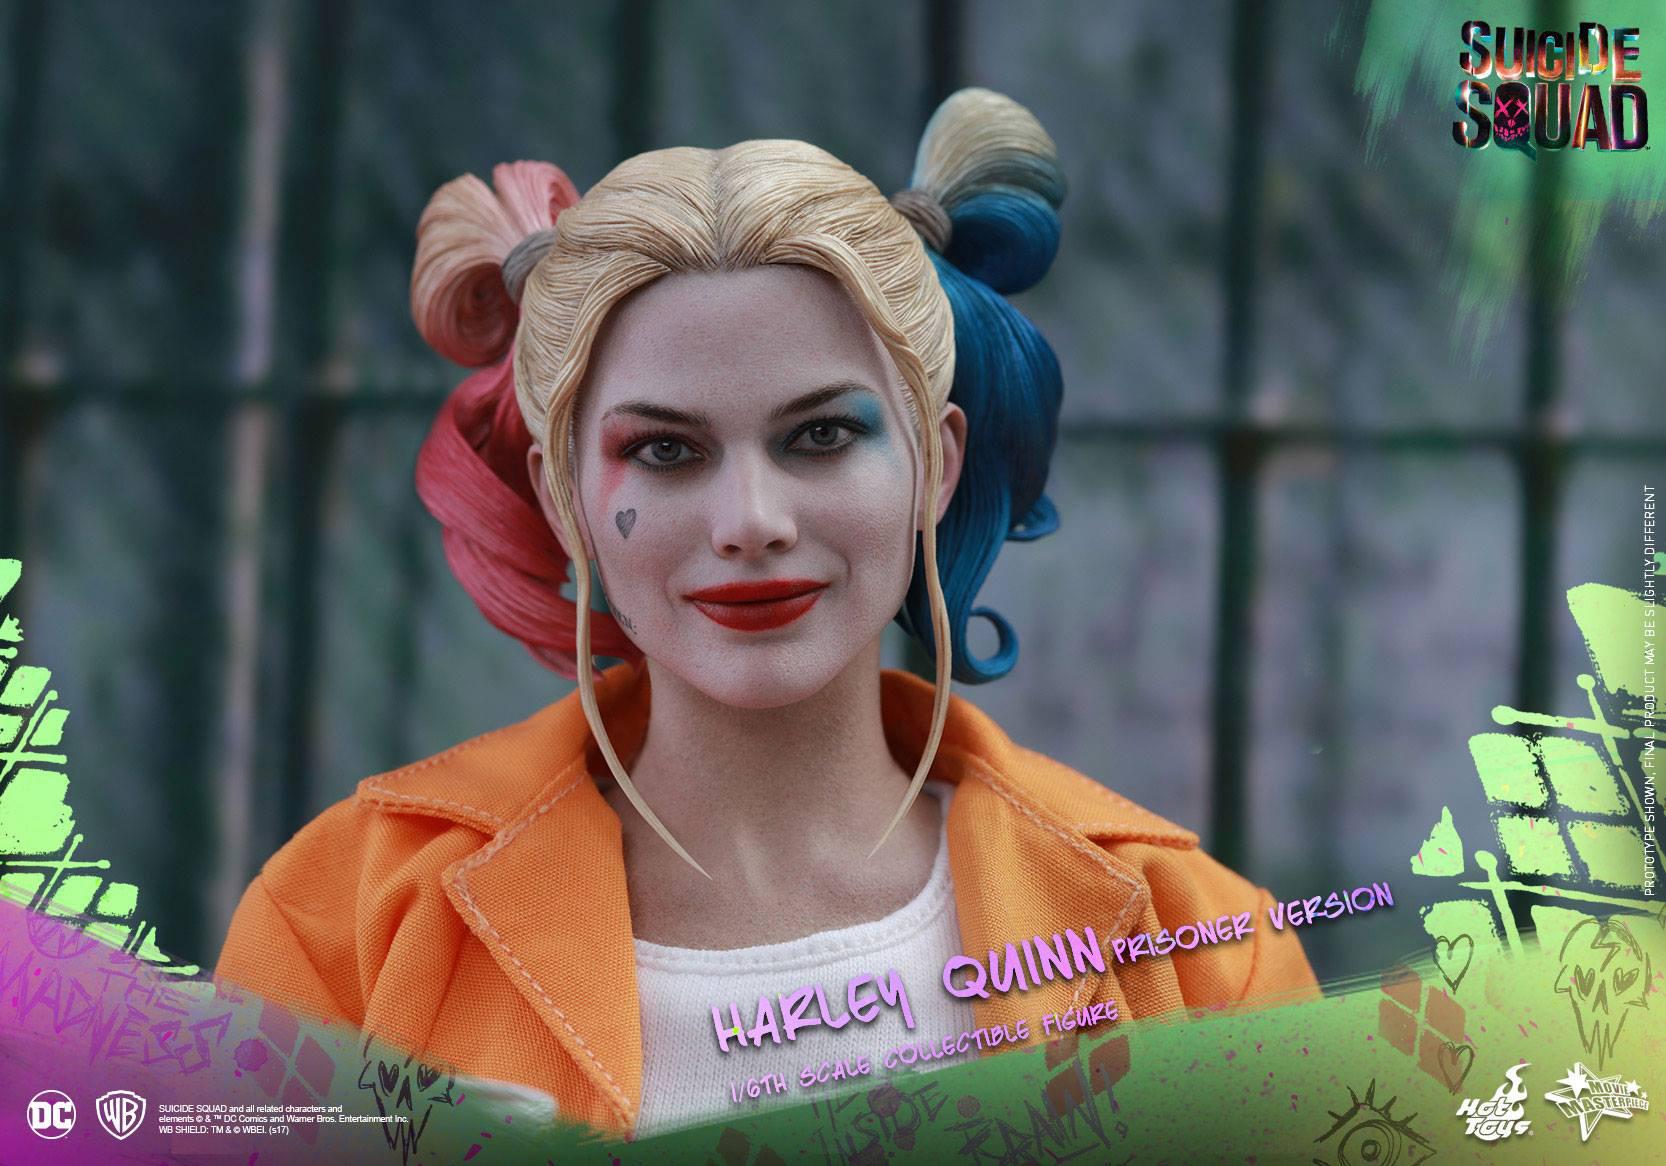 hot-toys-suicide-squad-harley-quinn-prisoner-figure-4